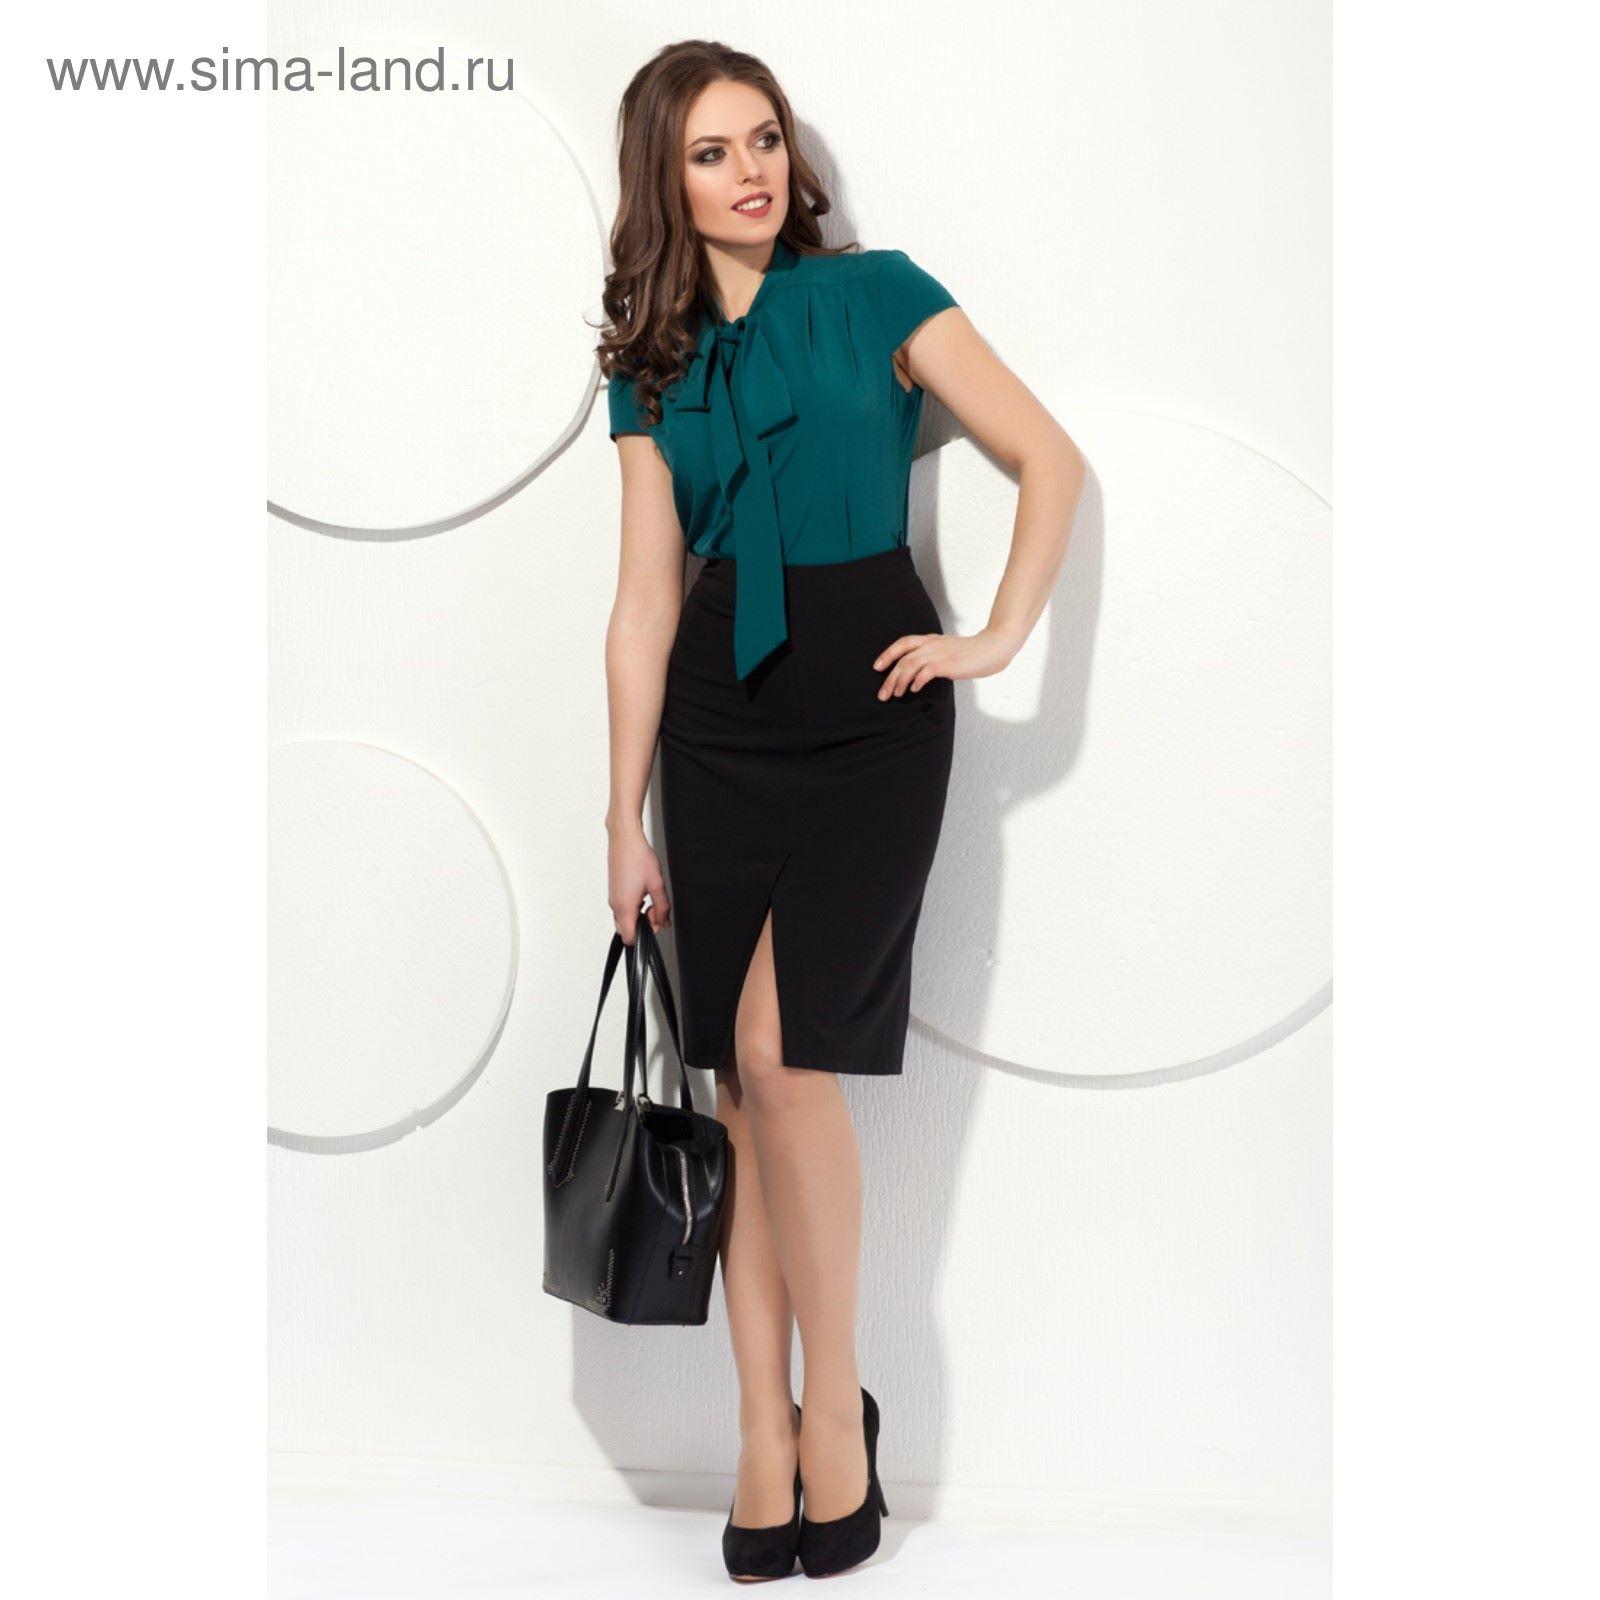 Юбка женская, размер 48, цвет чёрный Ю-169 (2337777) - Купить по ... 977677c1f92